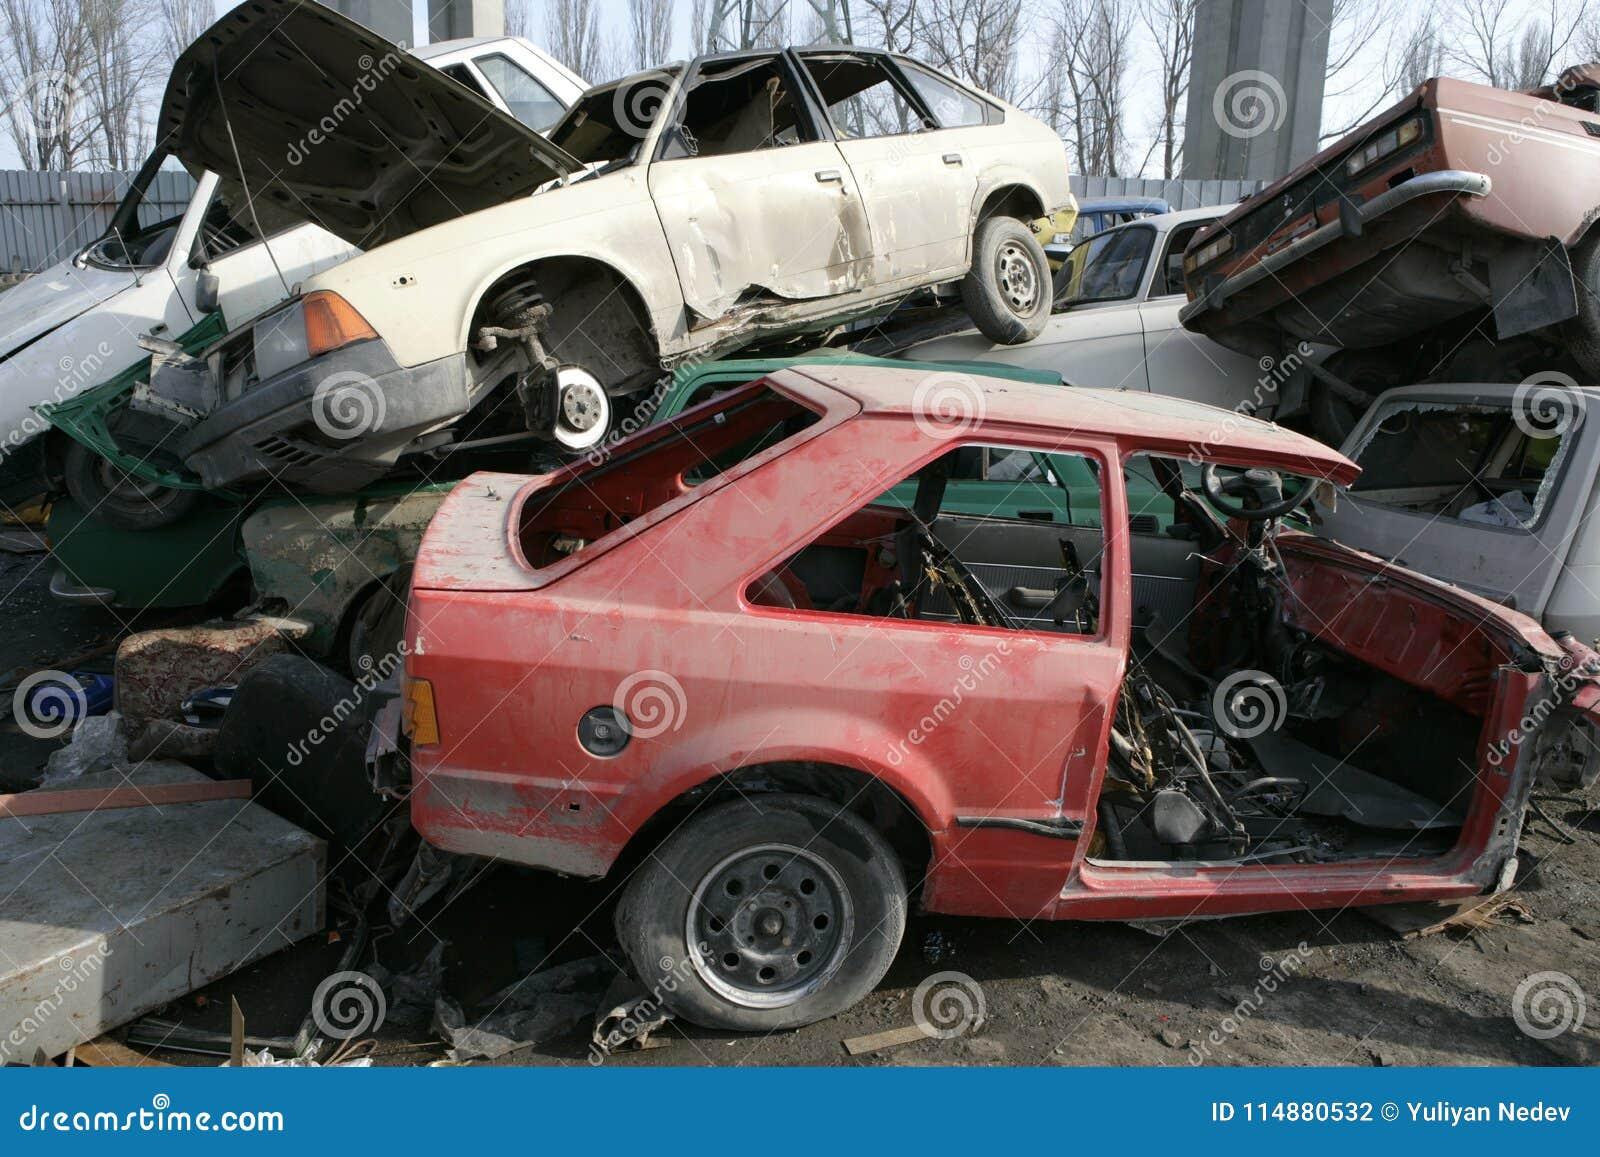 Crushed cars in junkyard stock photo. Image of crash - 114880532